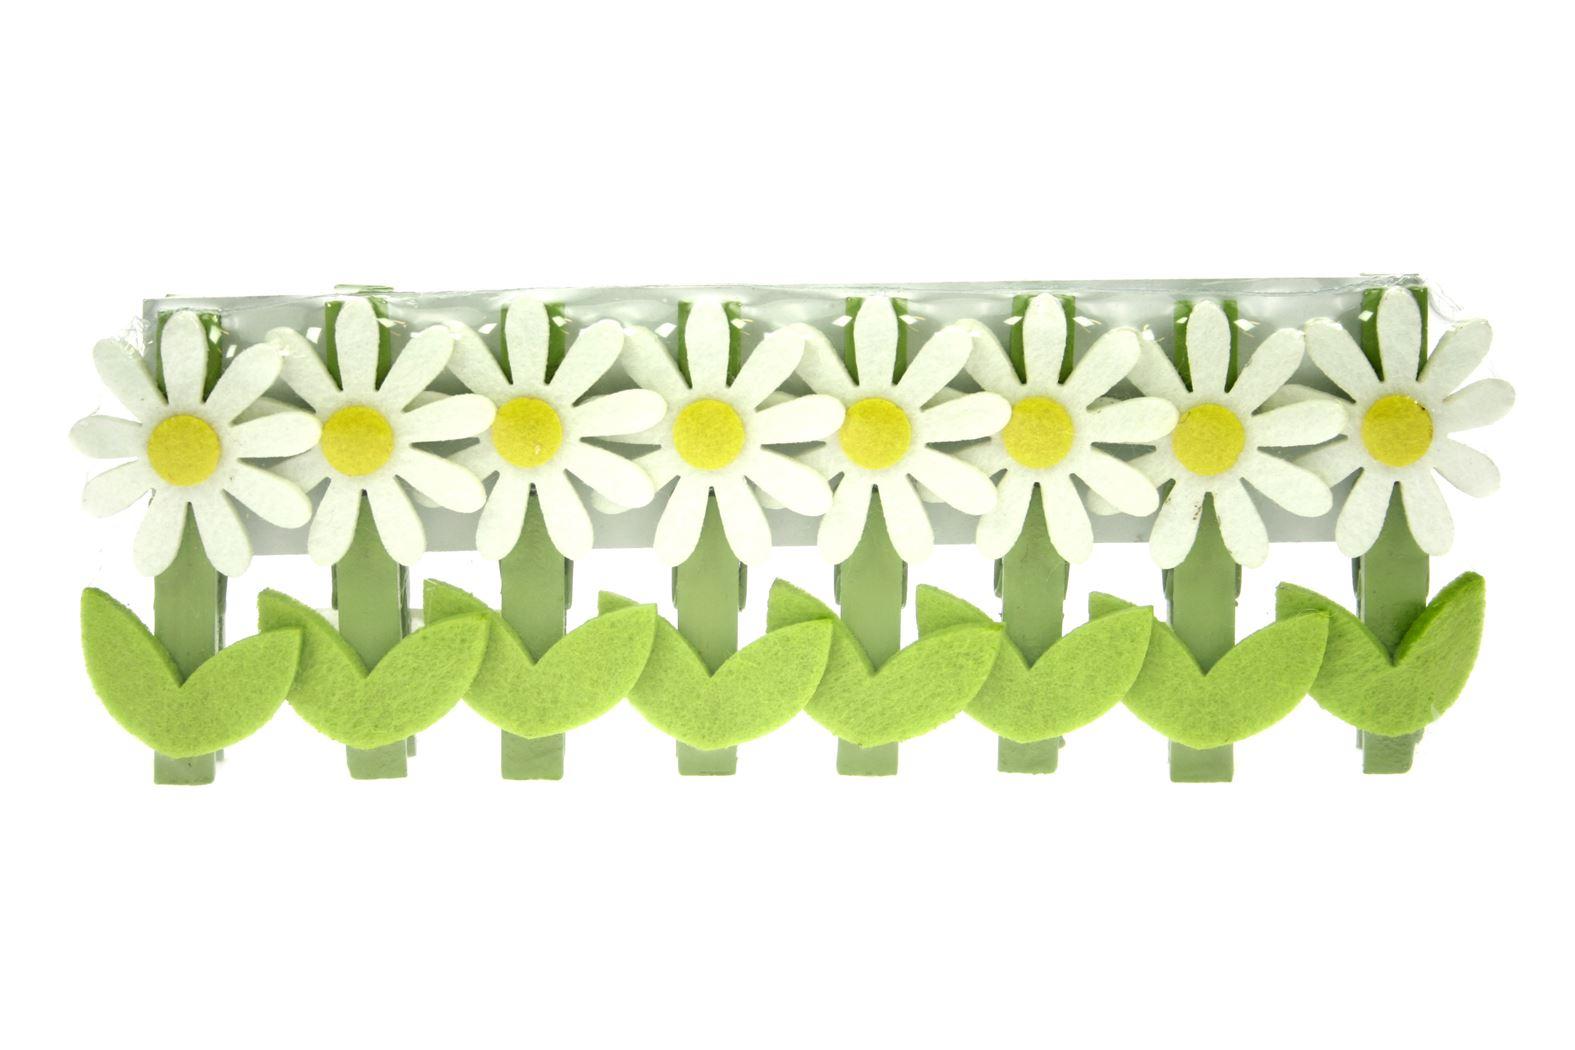 houten knijper madeliefje wit/groen (8sts)